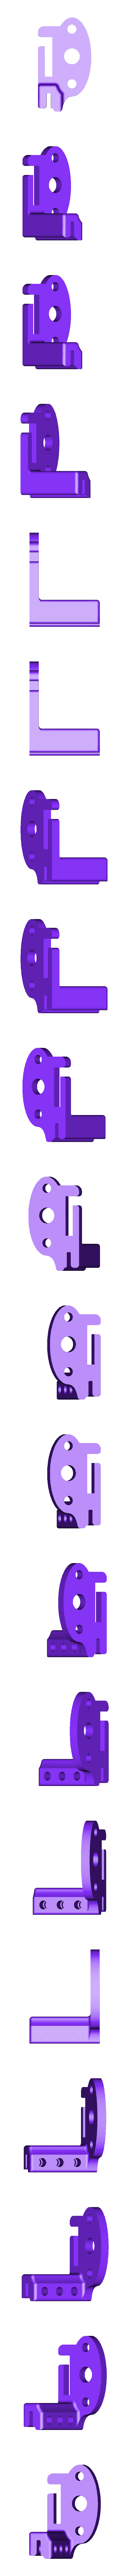 3dSubzwari-Bltouch.stl Download free STL file Eryone ThinkerS ThinkerSE Bigtreetech 2in1 hotend herome mount • 3D print model, 3dSubzwari